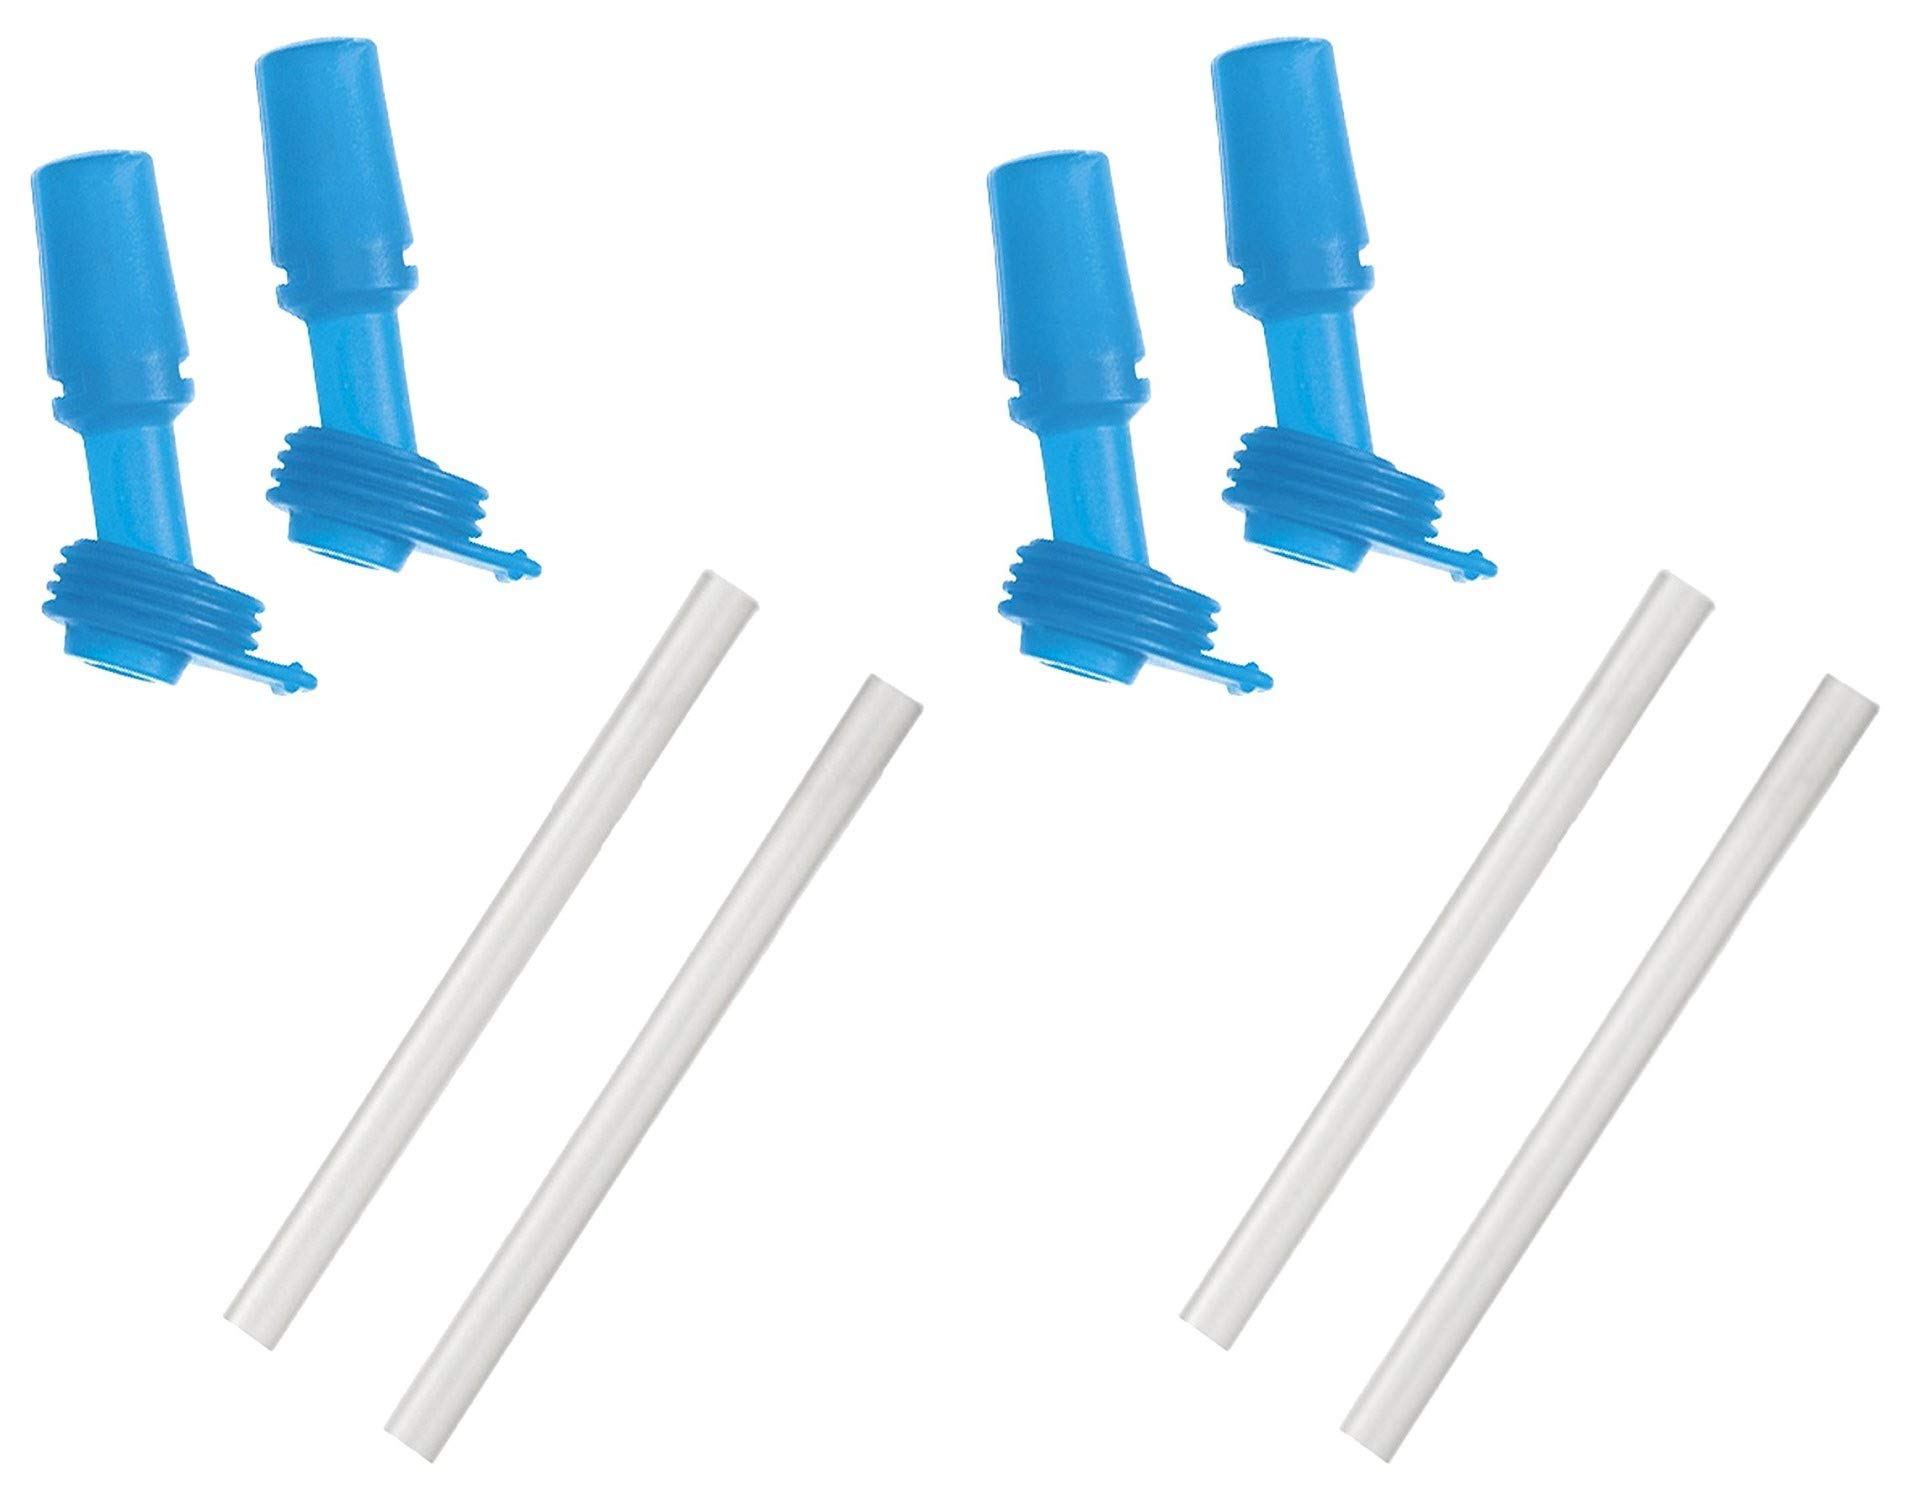 CamelBak Eddy Kids Bottle Accessory 2 Bite Valves/2 Straws, One Size, Ice Blue (2 Pack)